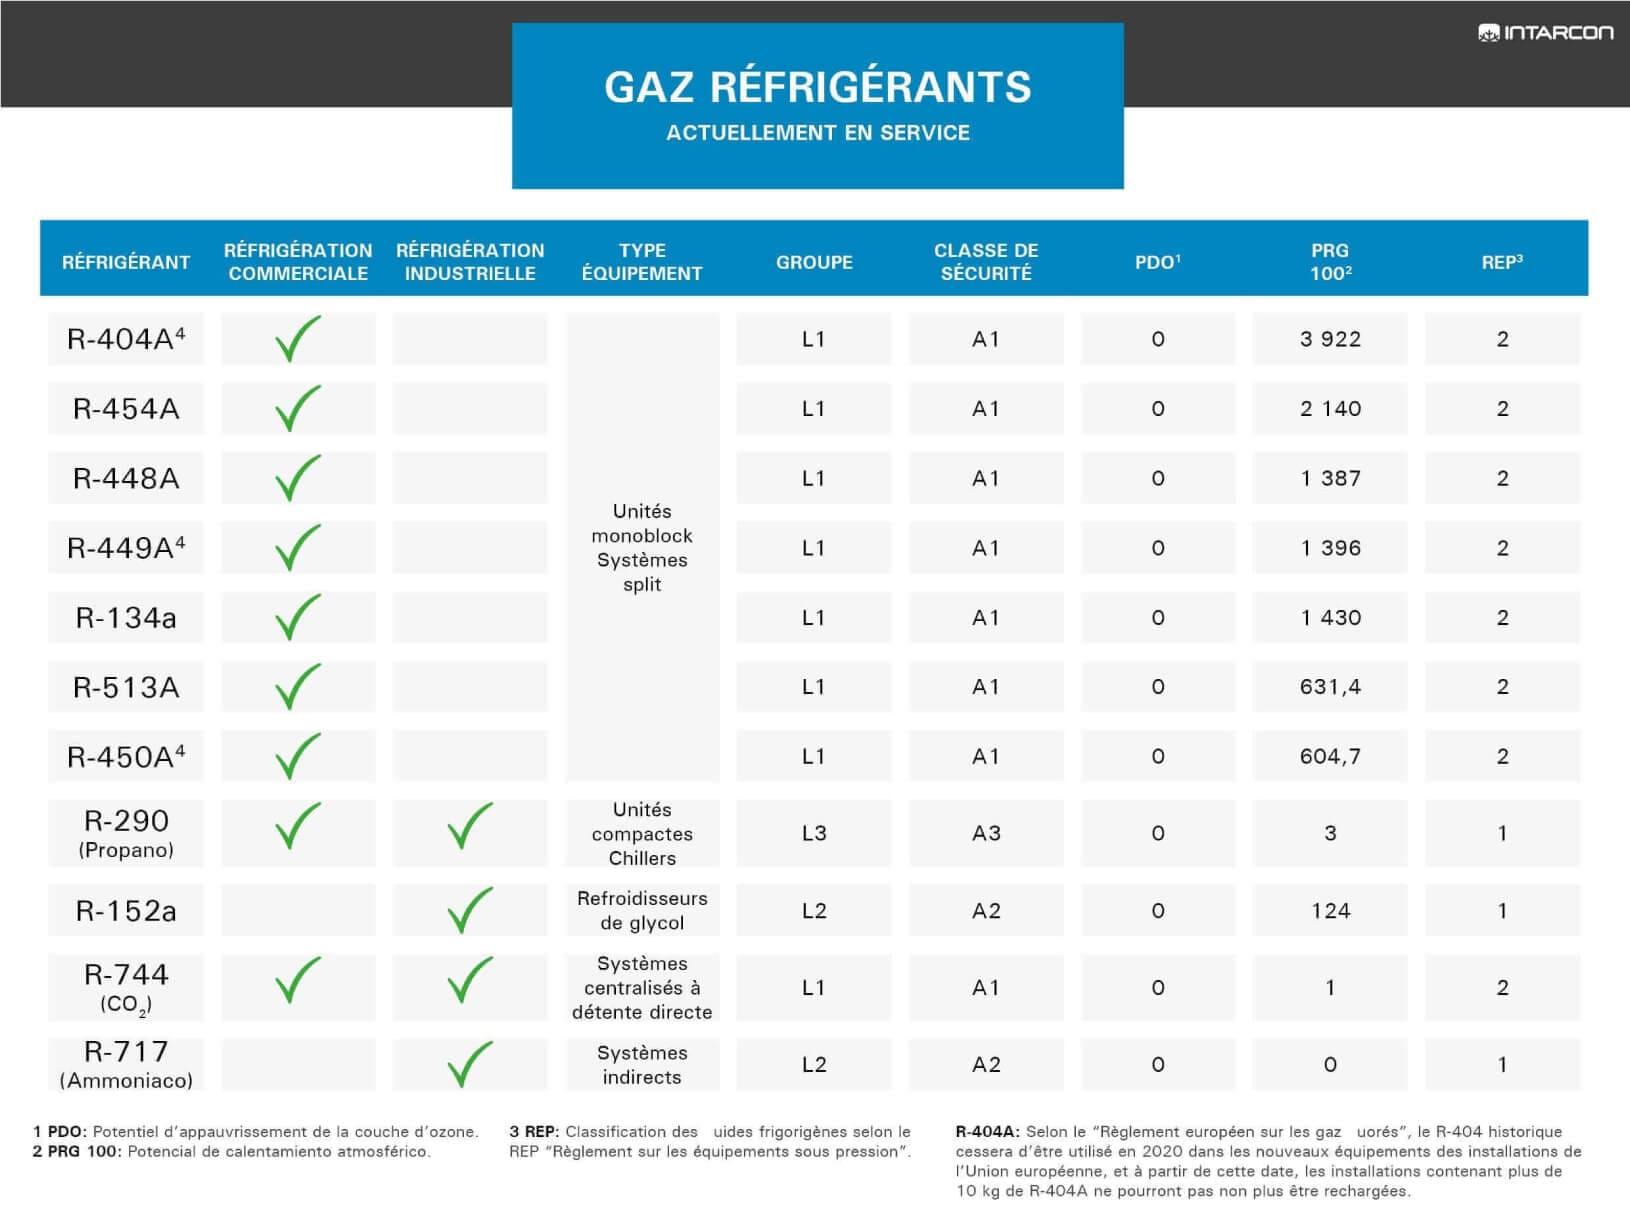 tableau-des-gaz-rrfrigrrants-les-plus-utilises-fr